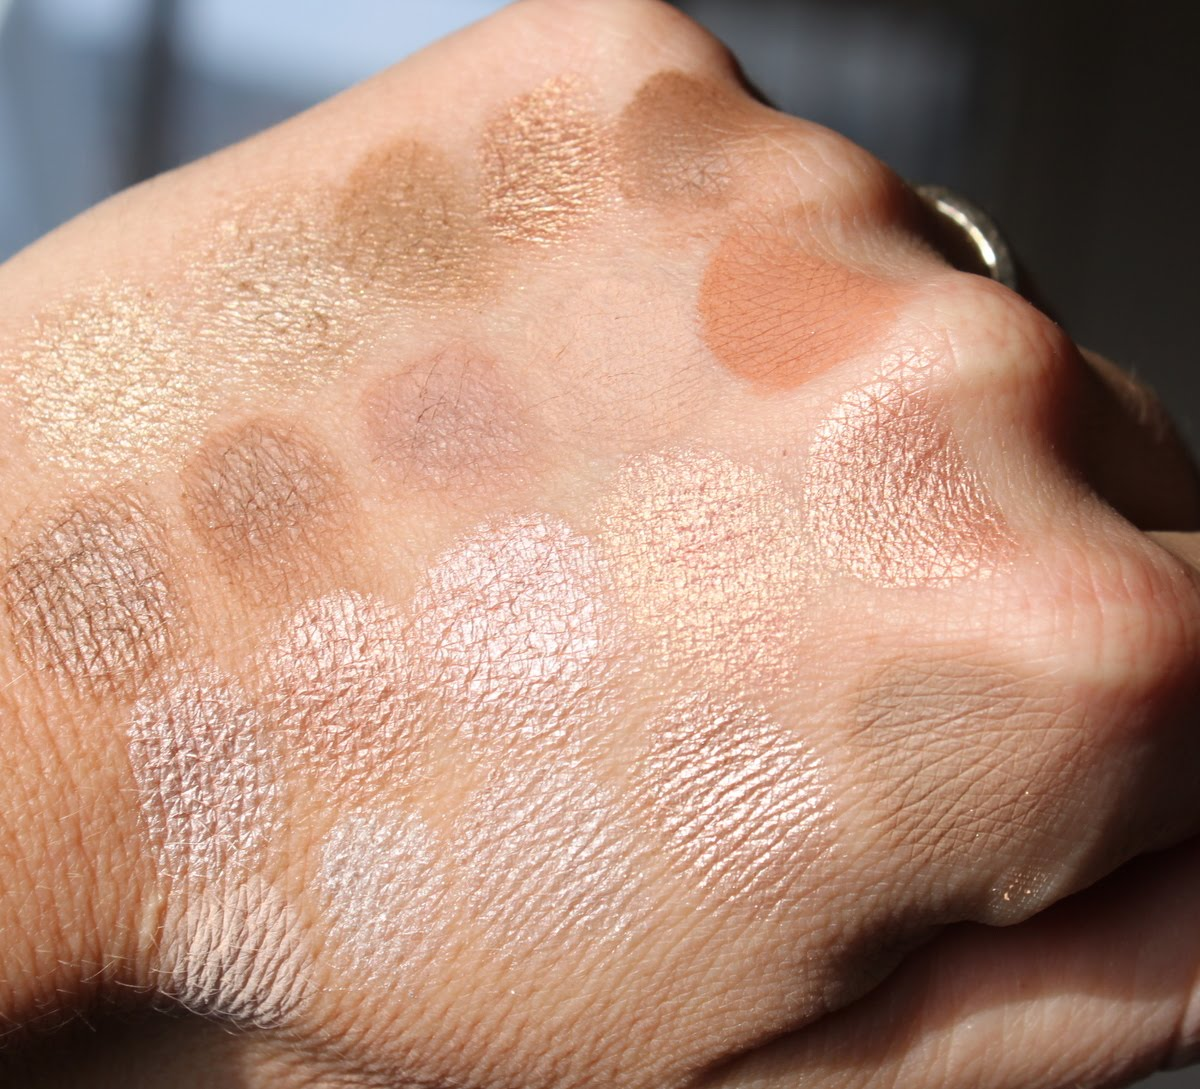 Mac Eyeshadow Swatches: Light Neutrals